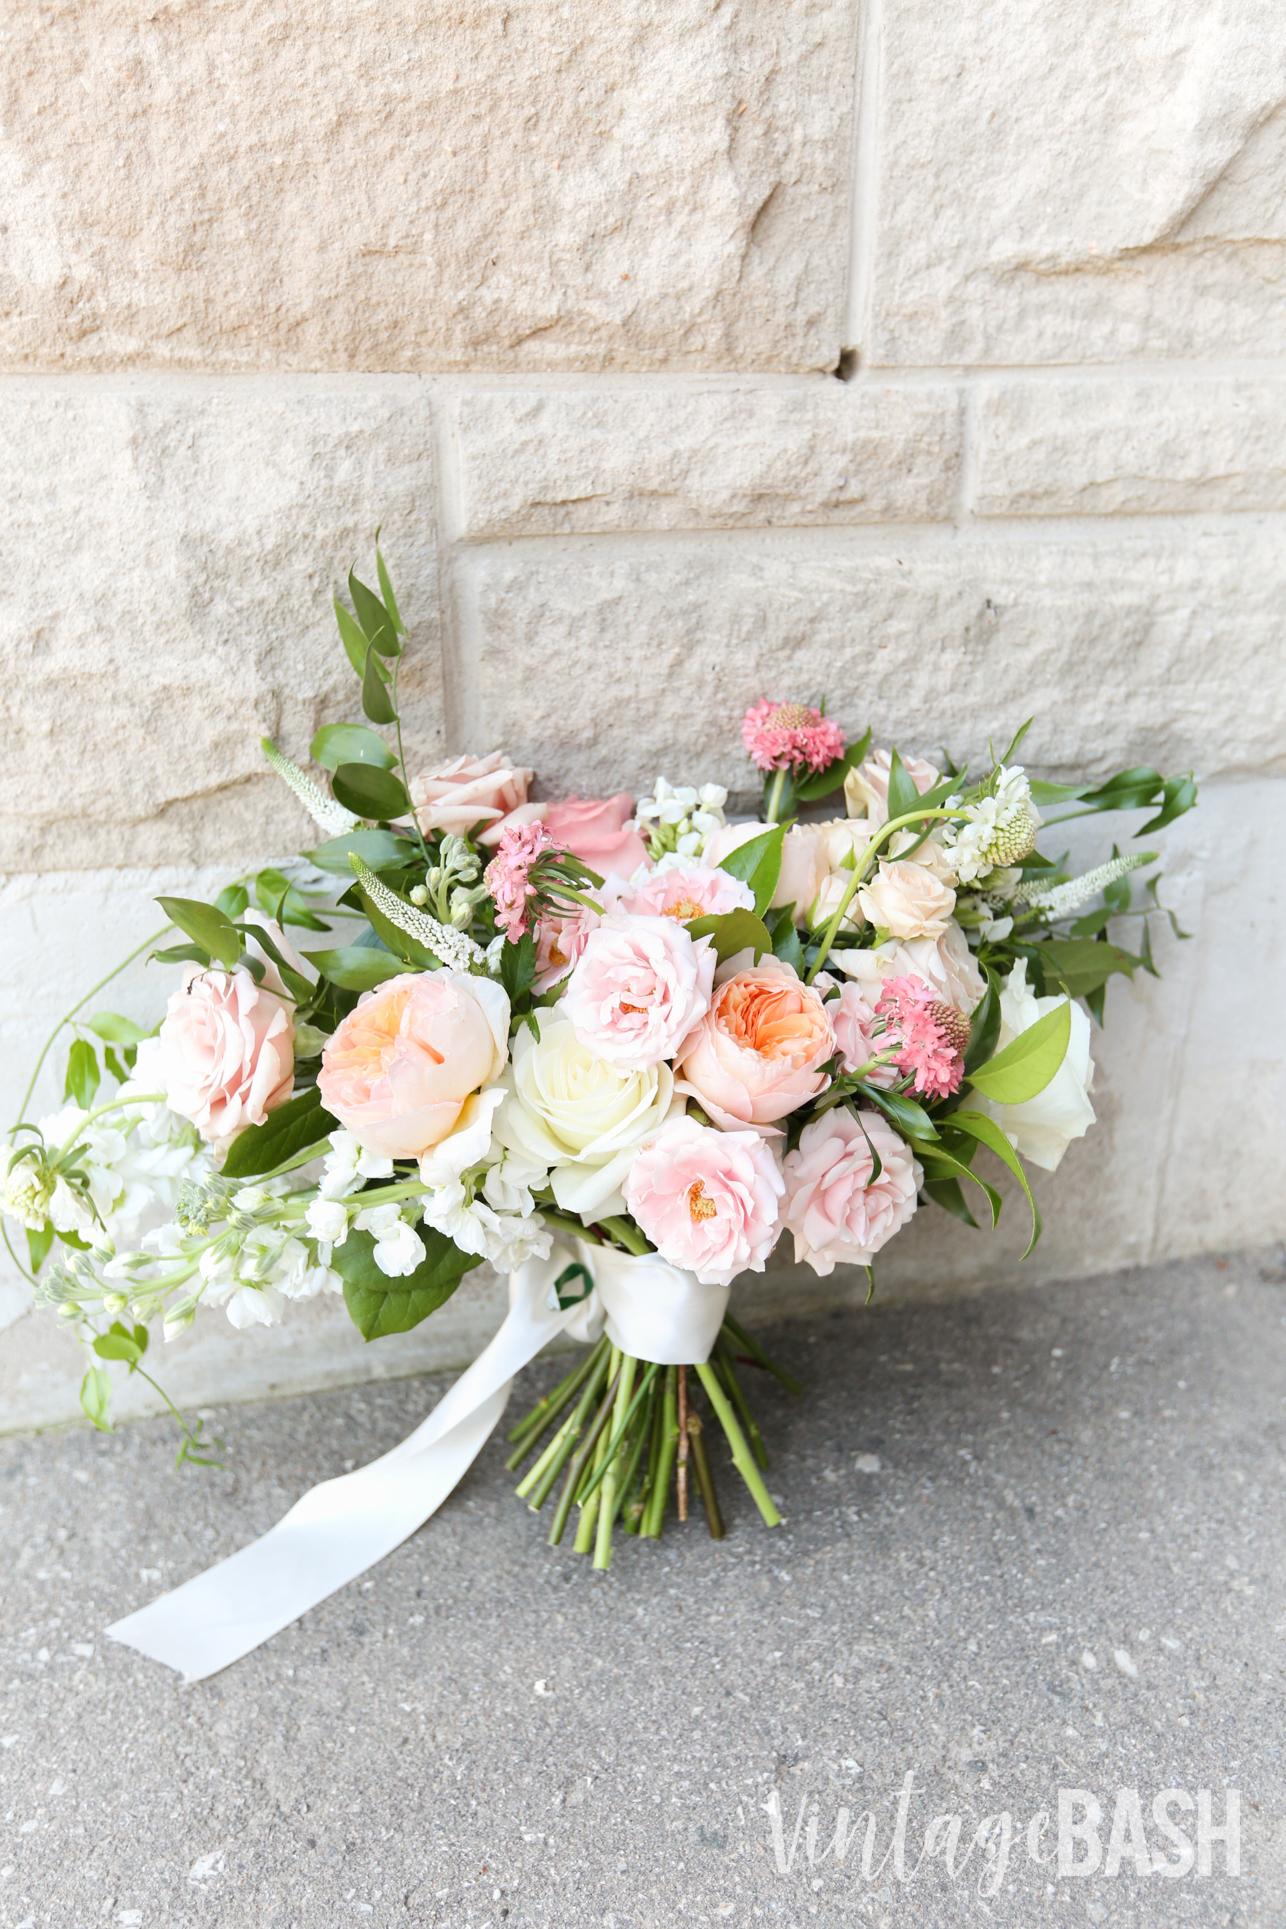 Blush Wedding Bouquet Peach Vintagebash